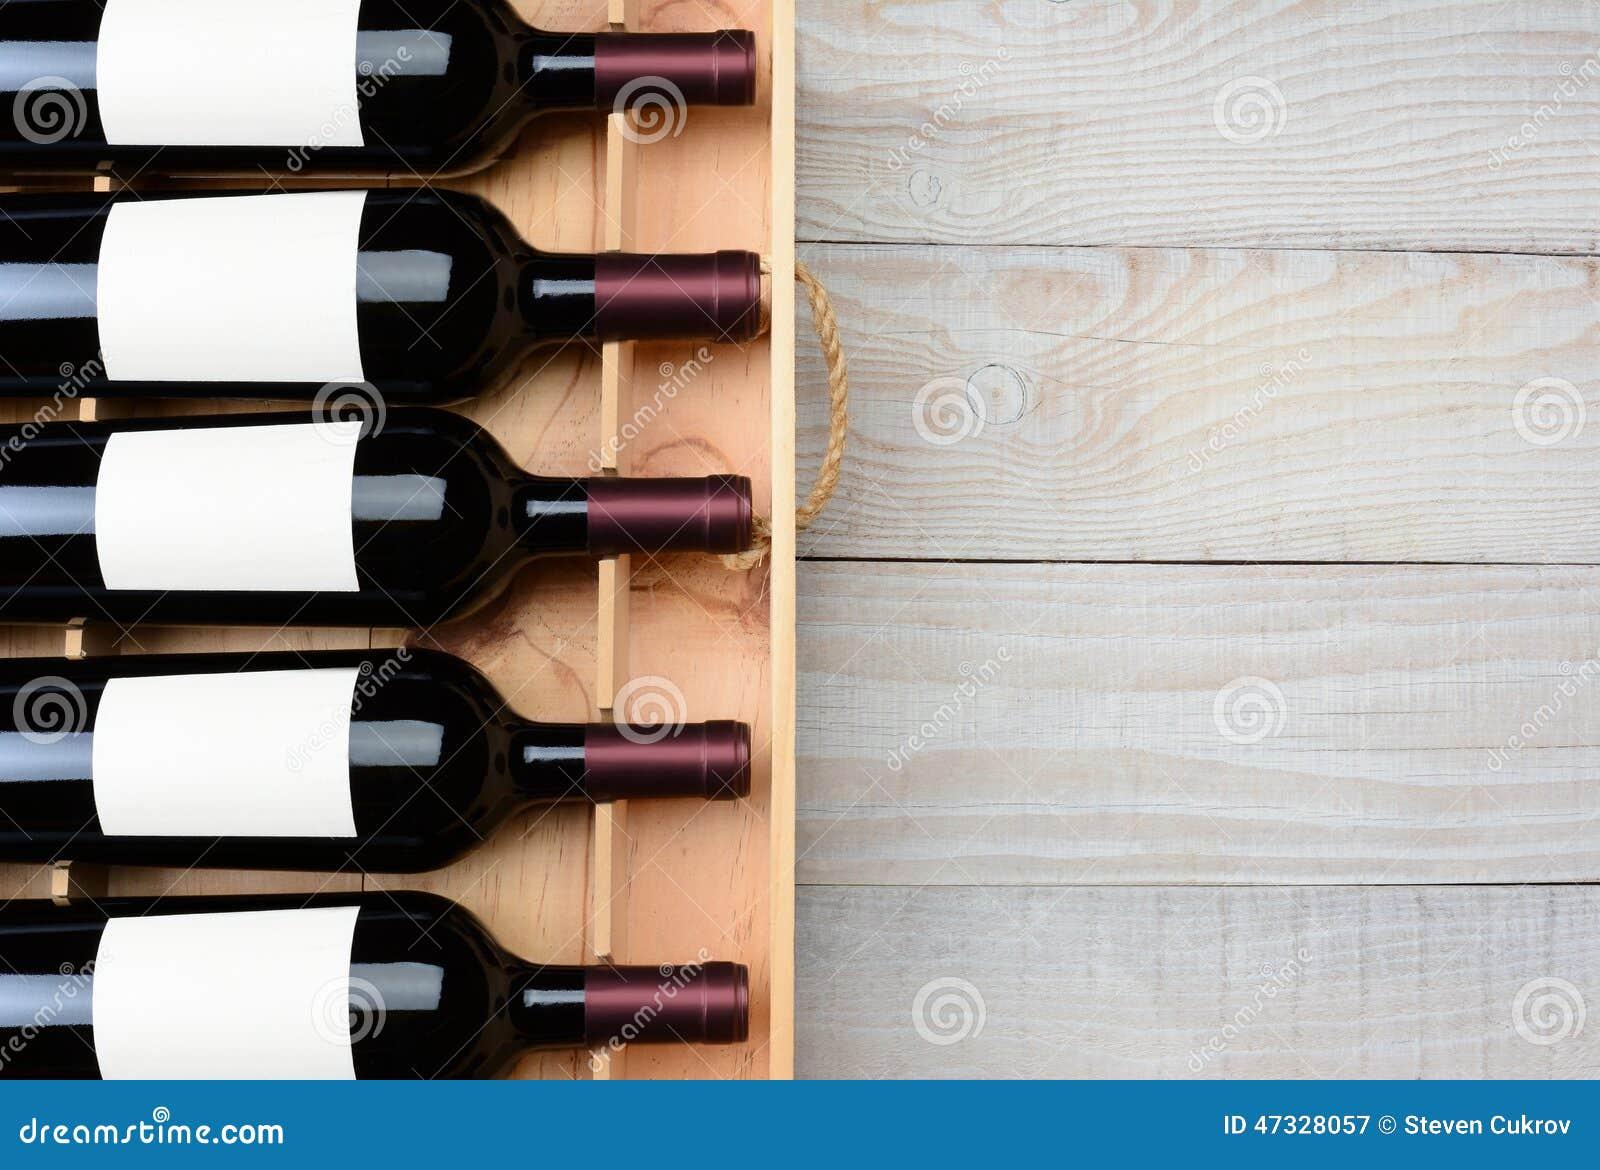 tableau en bois de caisse de bouteille de vin image stock image 47328057. Black Bedroom Furniture Sets. Home Design Ideas